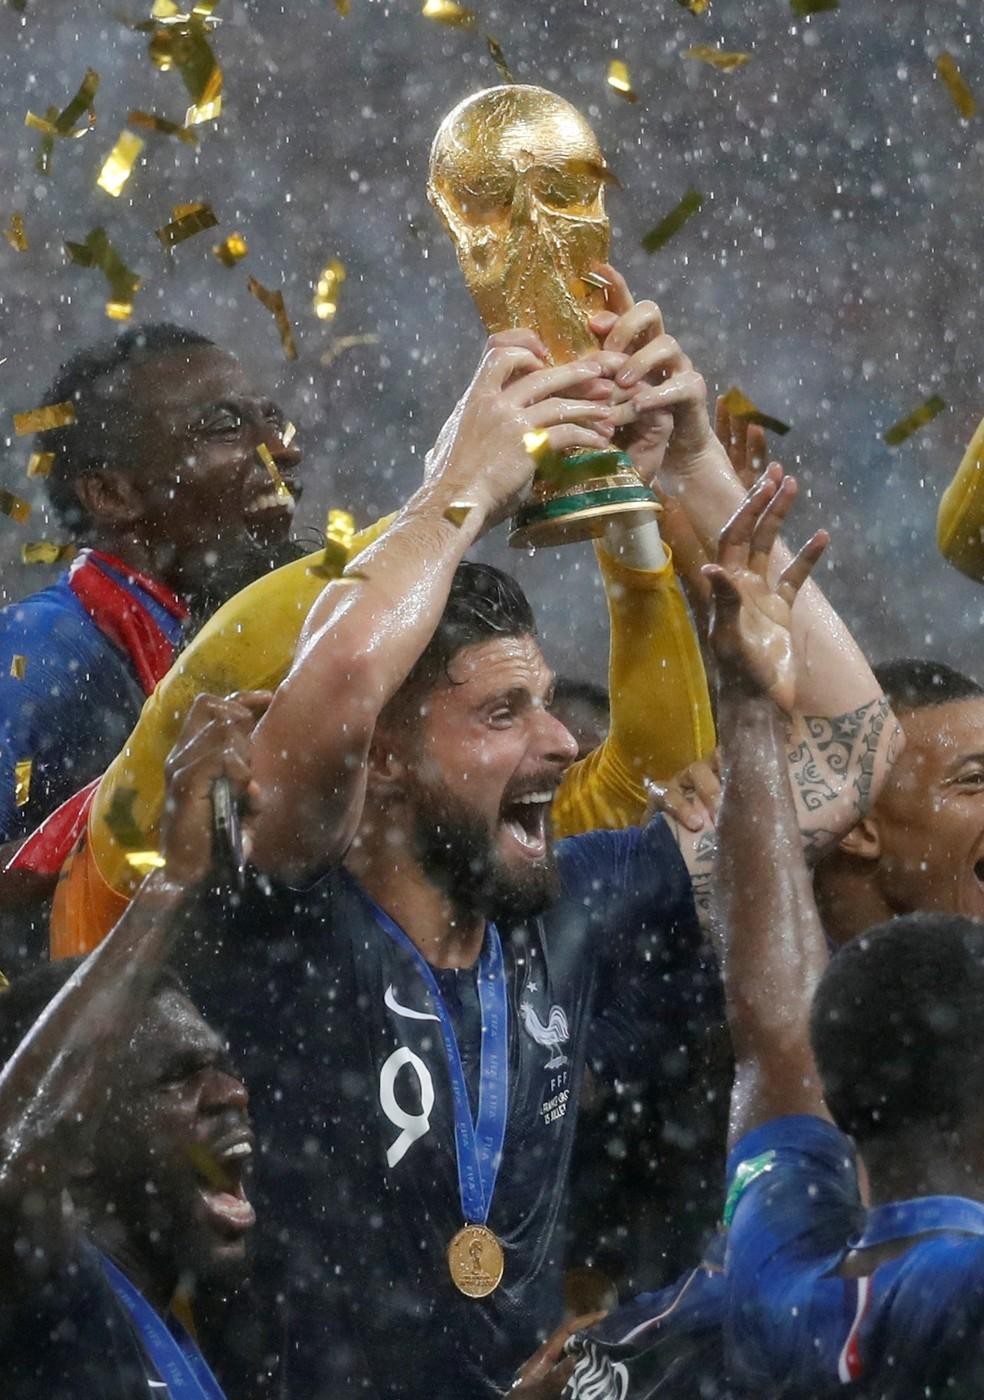 Giroud com a medalha e a taça de campeão do mundo — Foto: Reuters